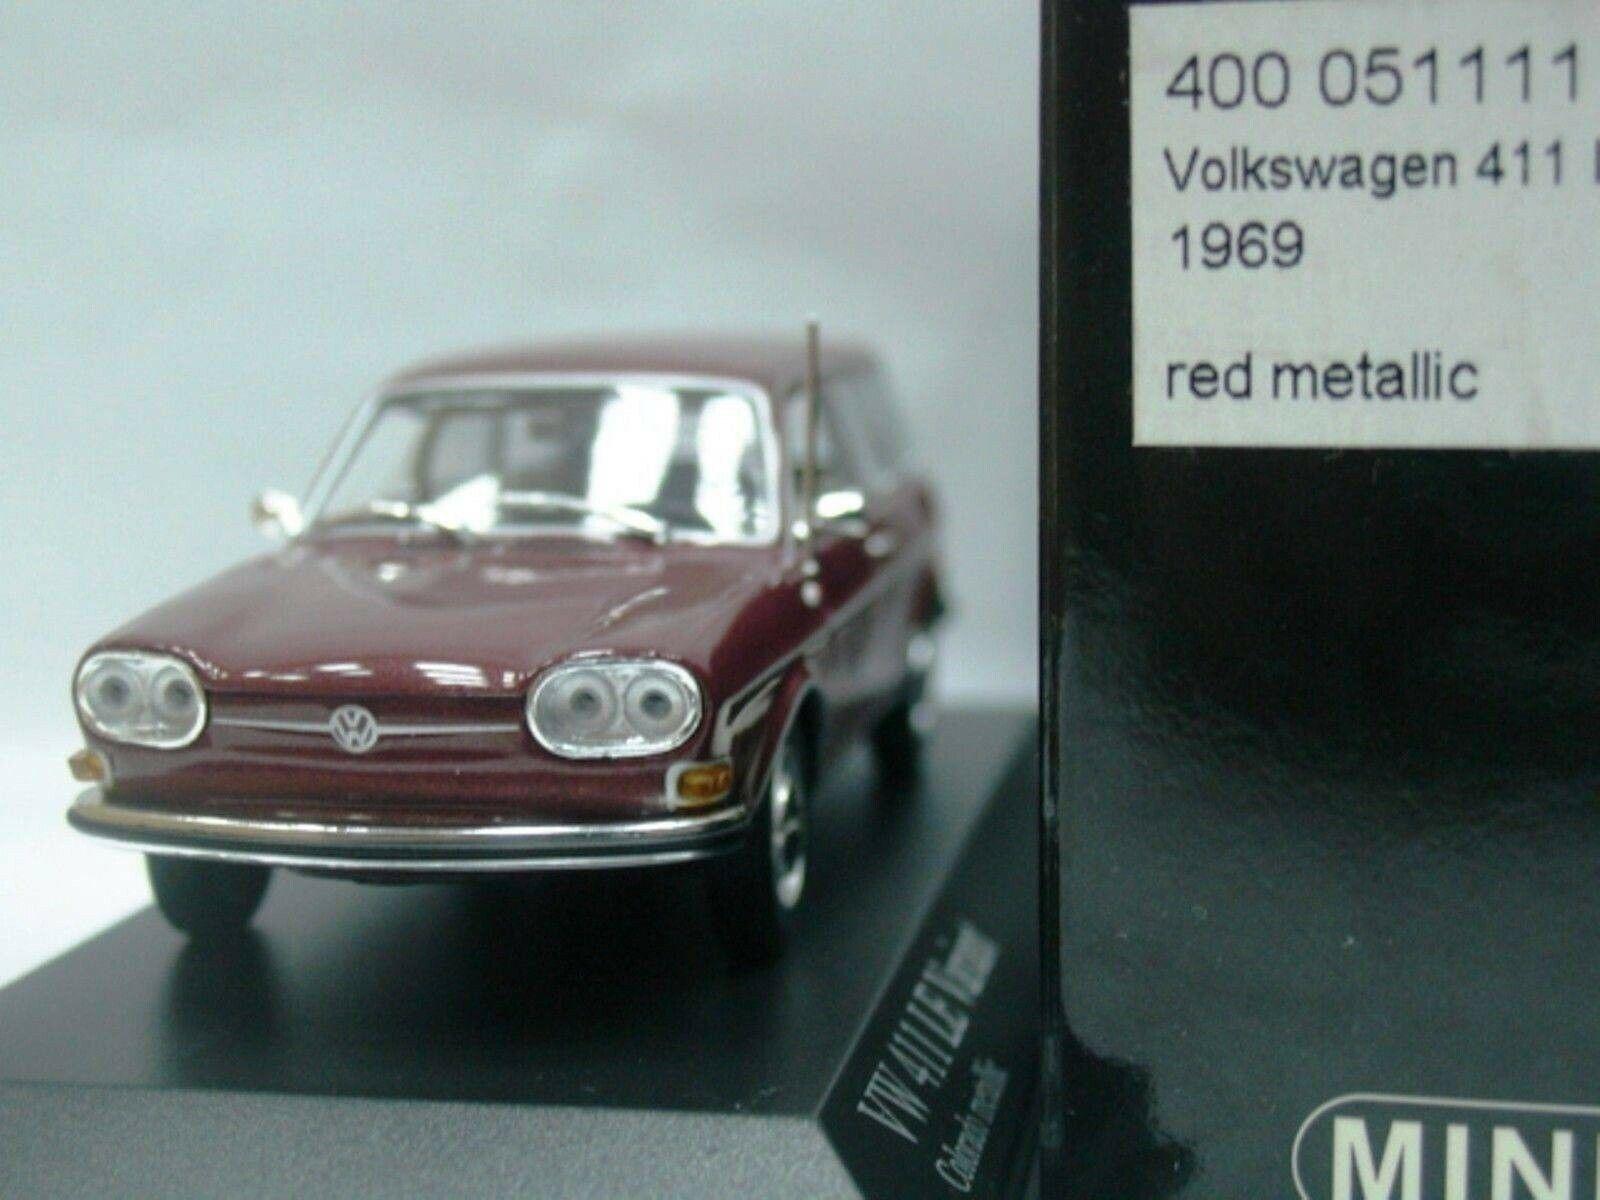 Wow extrêmeHommest rare VW Type 4 411 le variante 1969  Couleurado Rouge 1 43 Minichamps  service attentionné